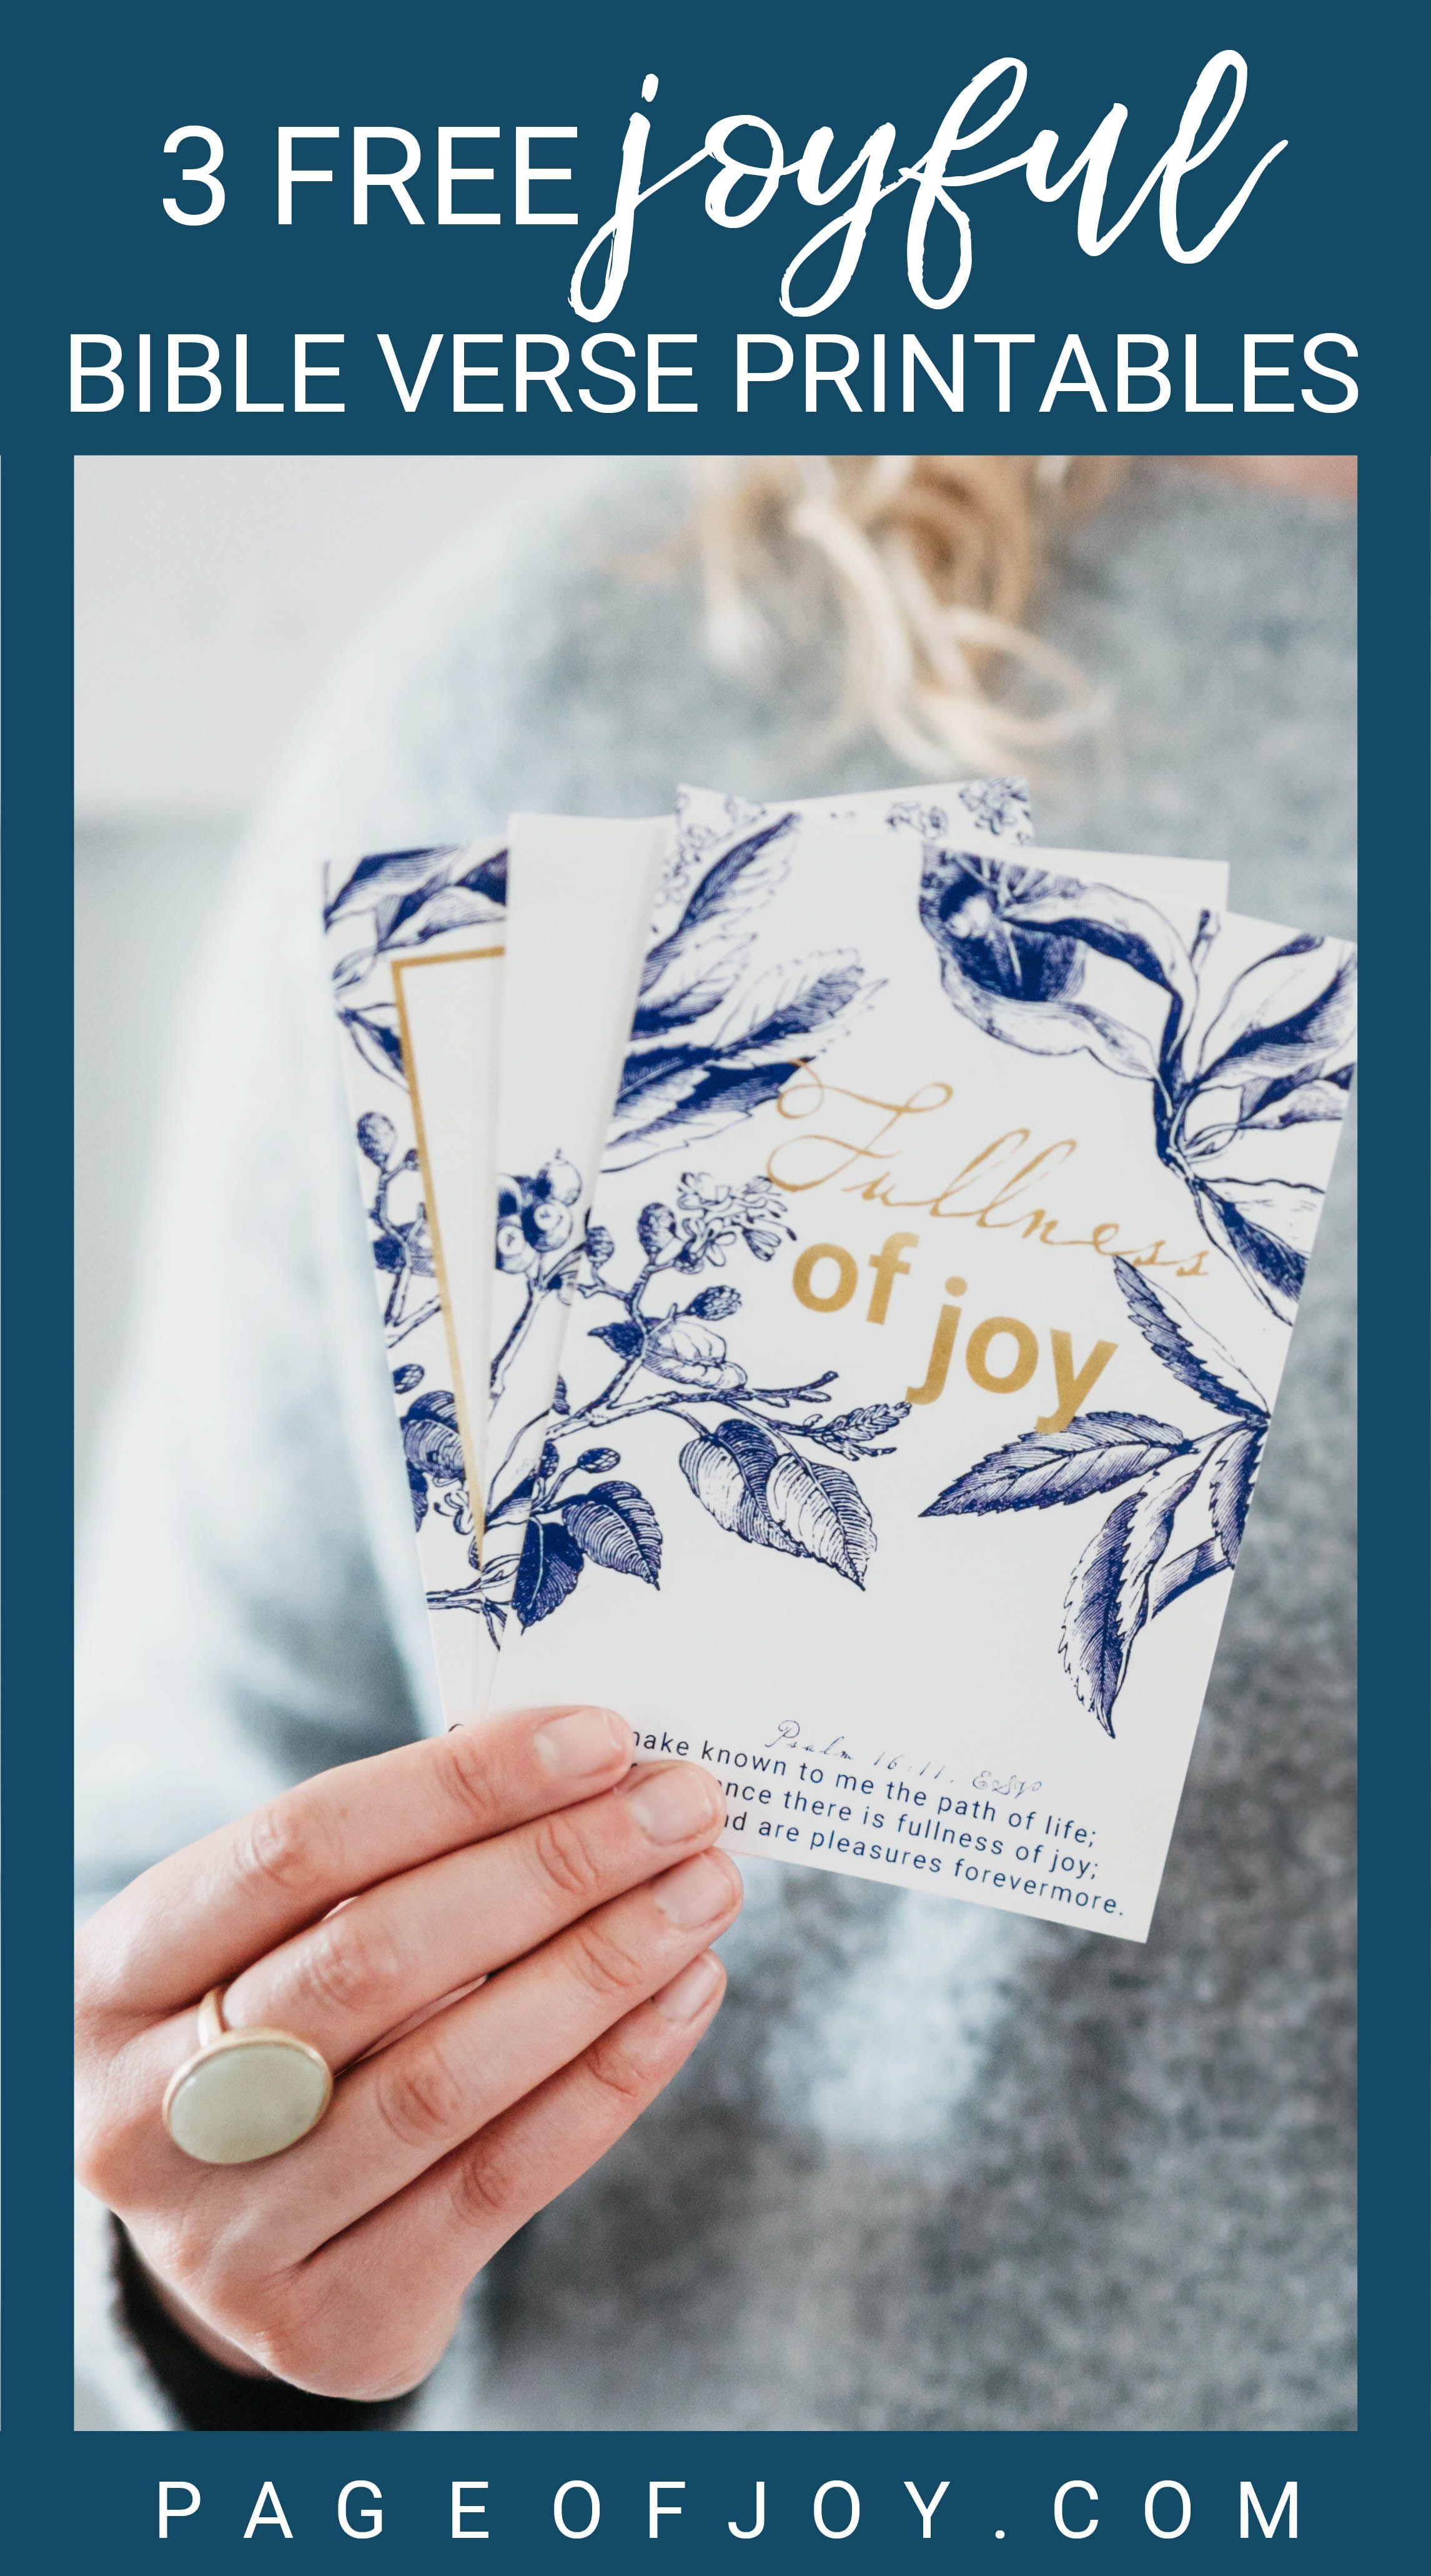 Home Page Of Joy Printables Bible Bible Verses Printable Bible